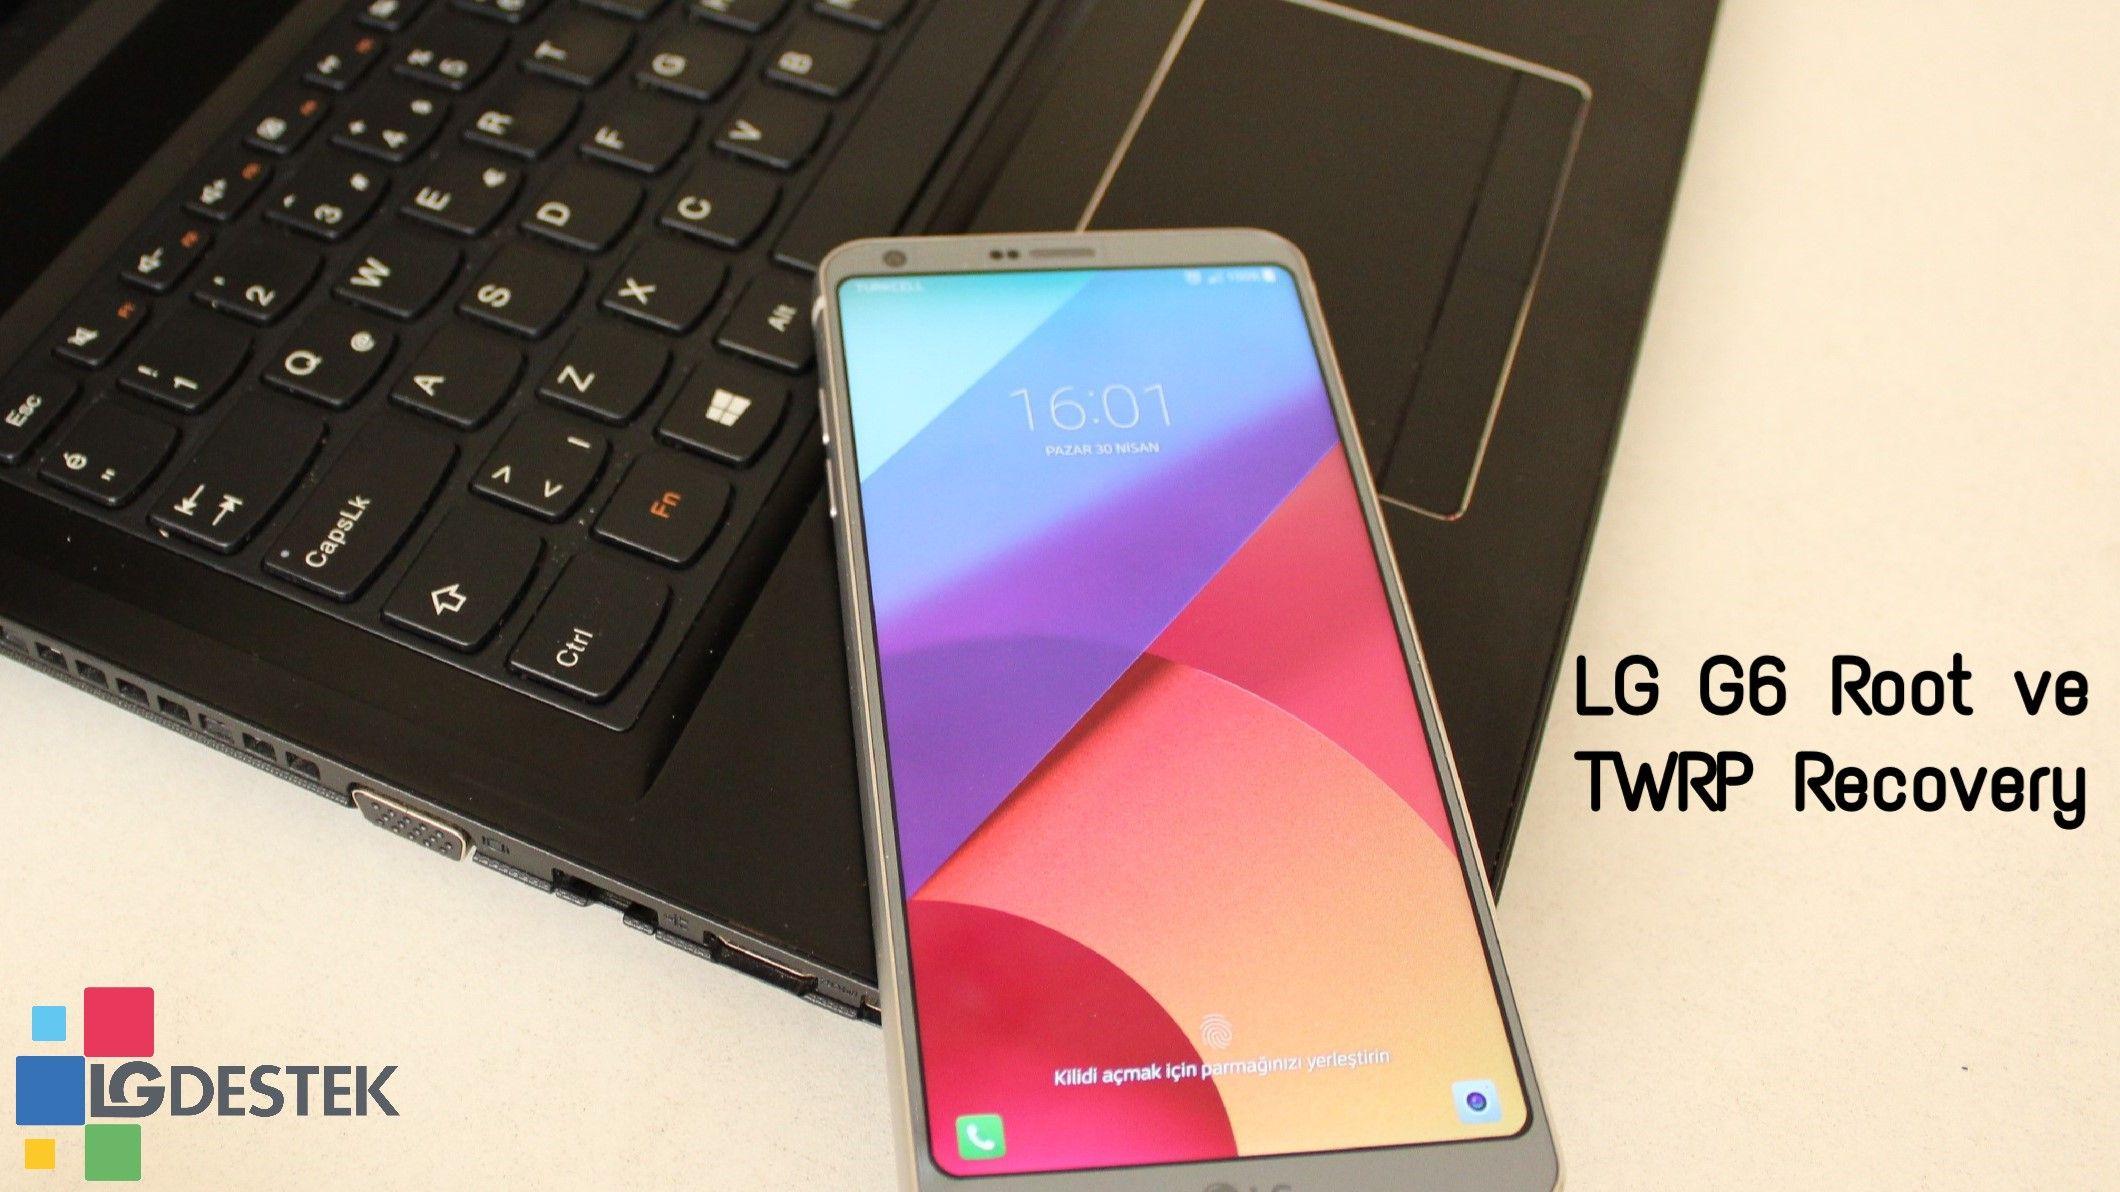 LG geçtiğimiz haftalarda LG G6 H870 Avrupa modeli için